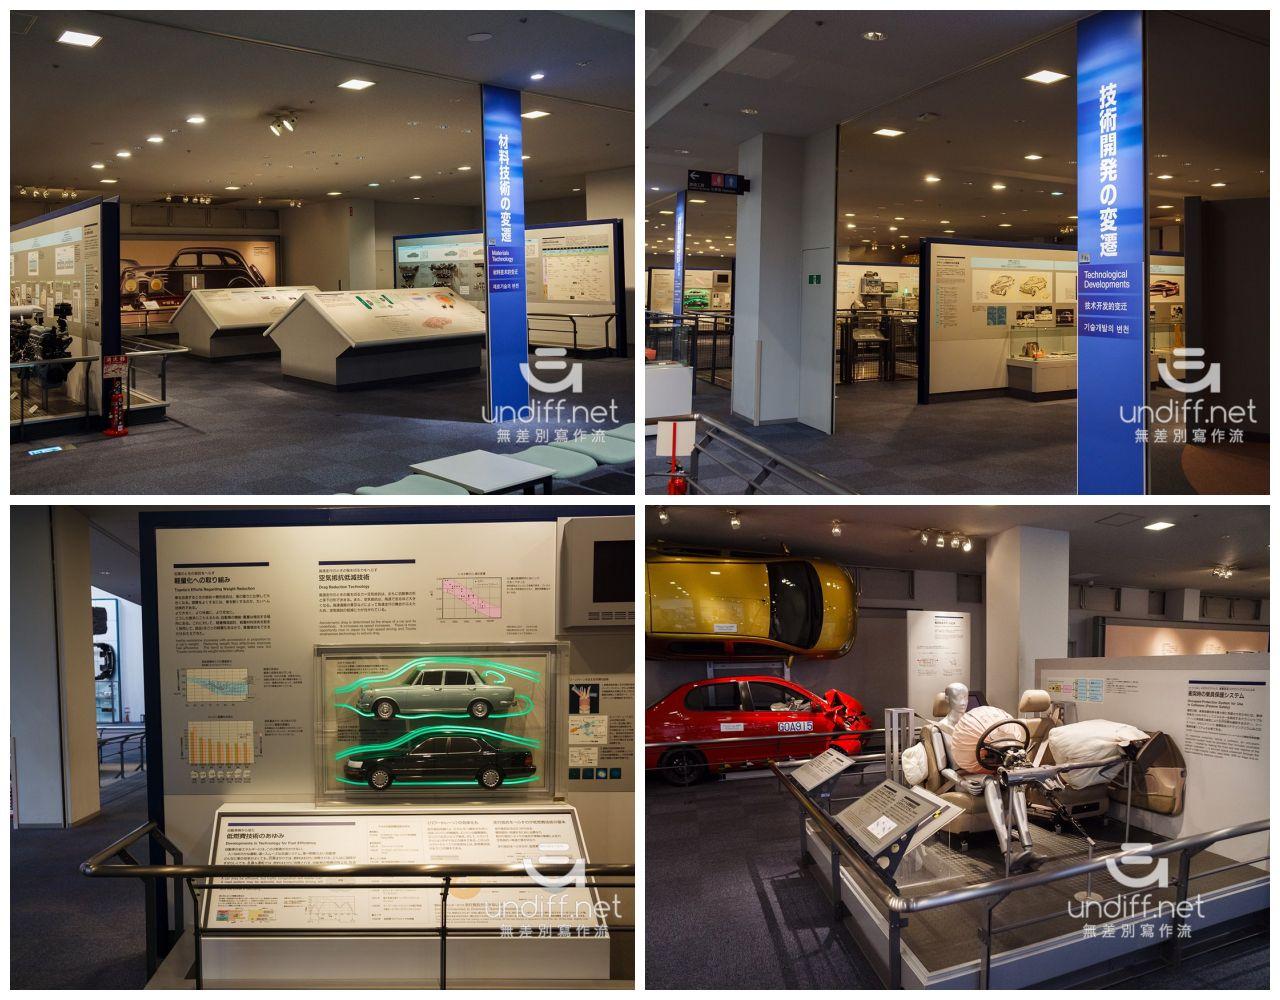 【名古屋景點】豐田產業技術紀念館 》汽車館:瞭解 TOYOTA 的科技與歷史 80